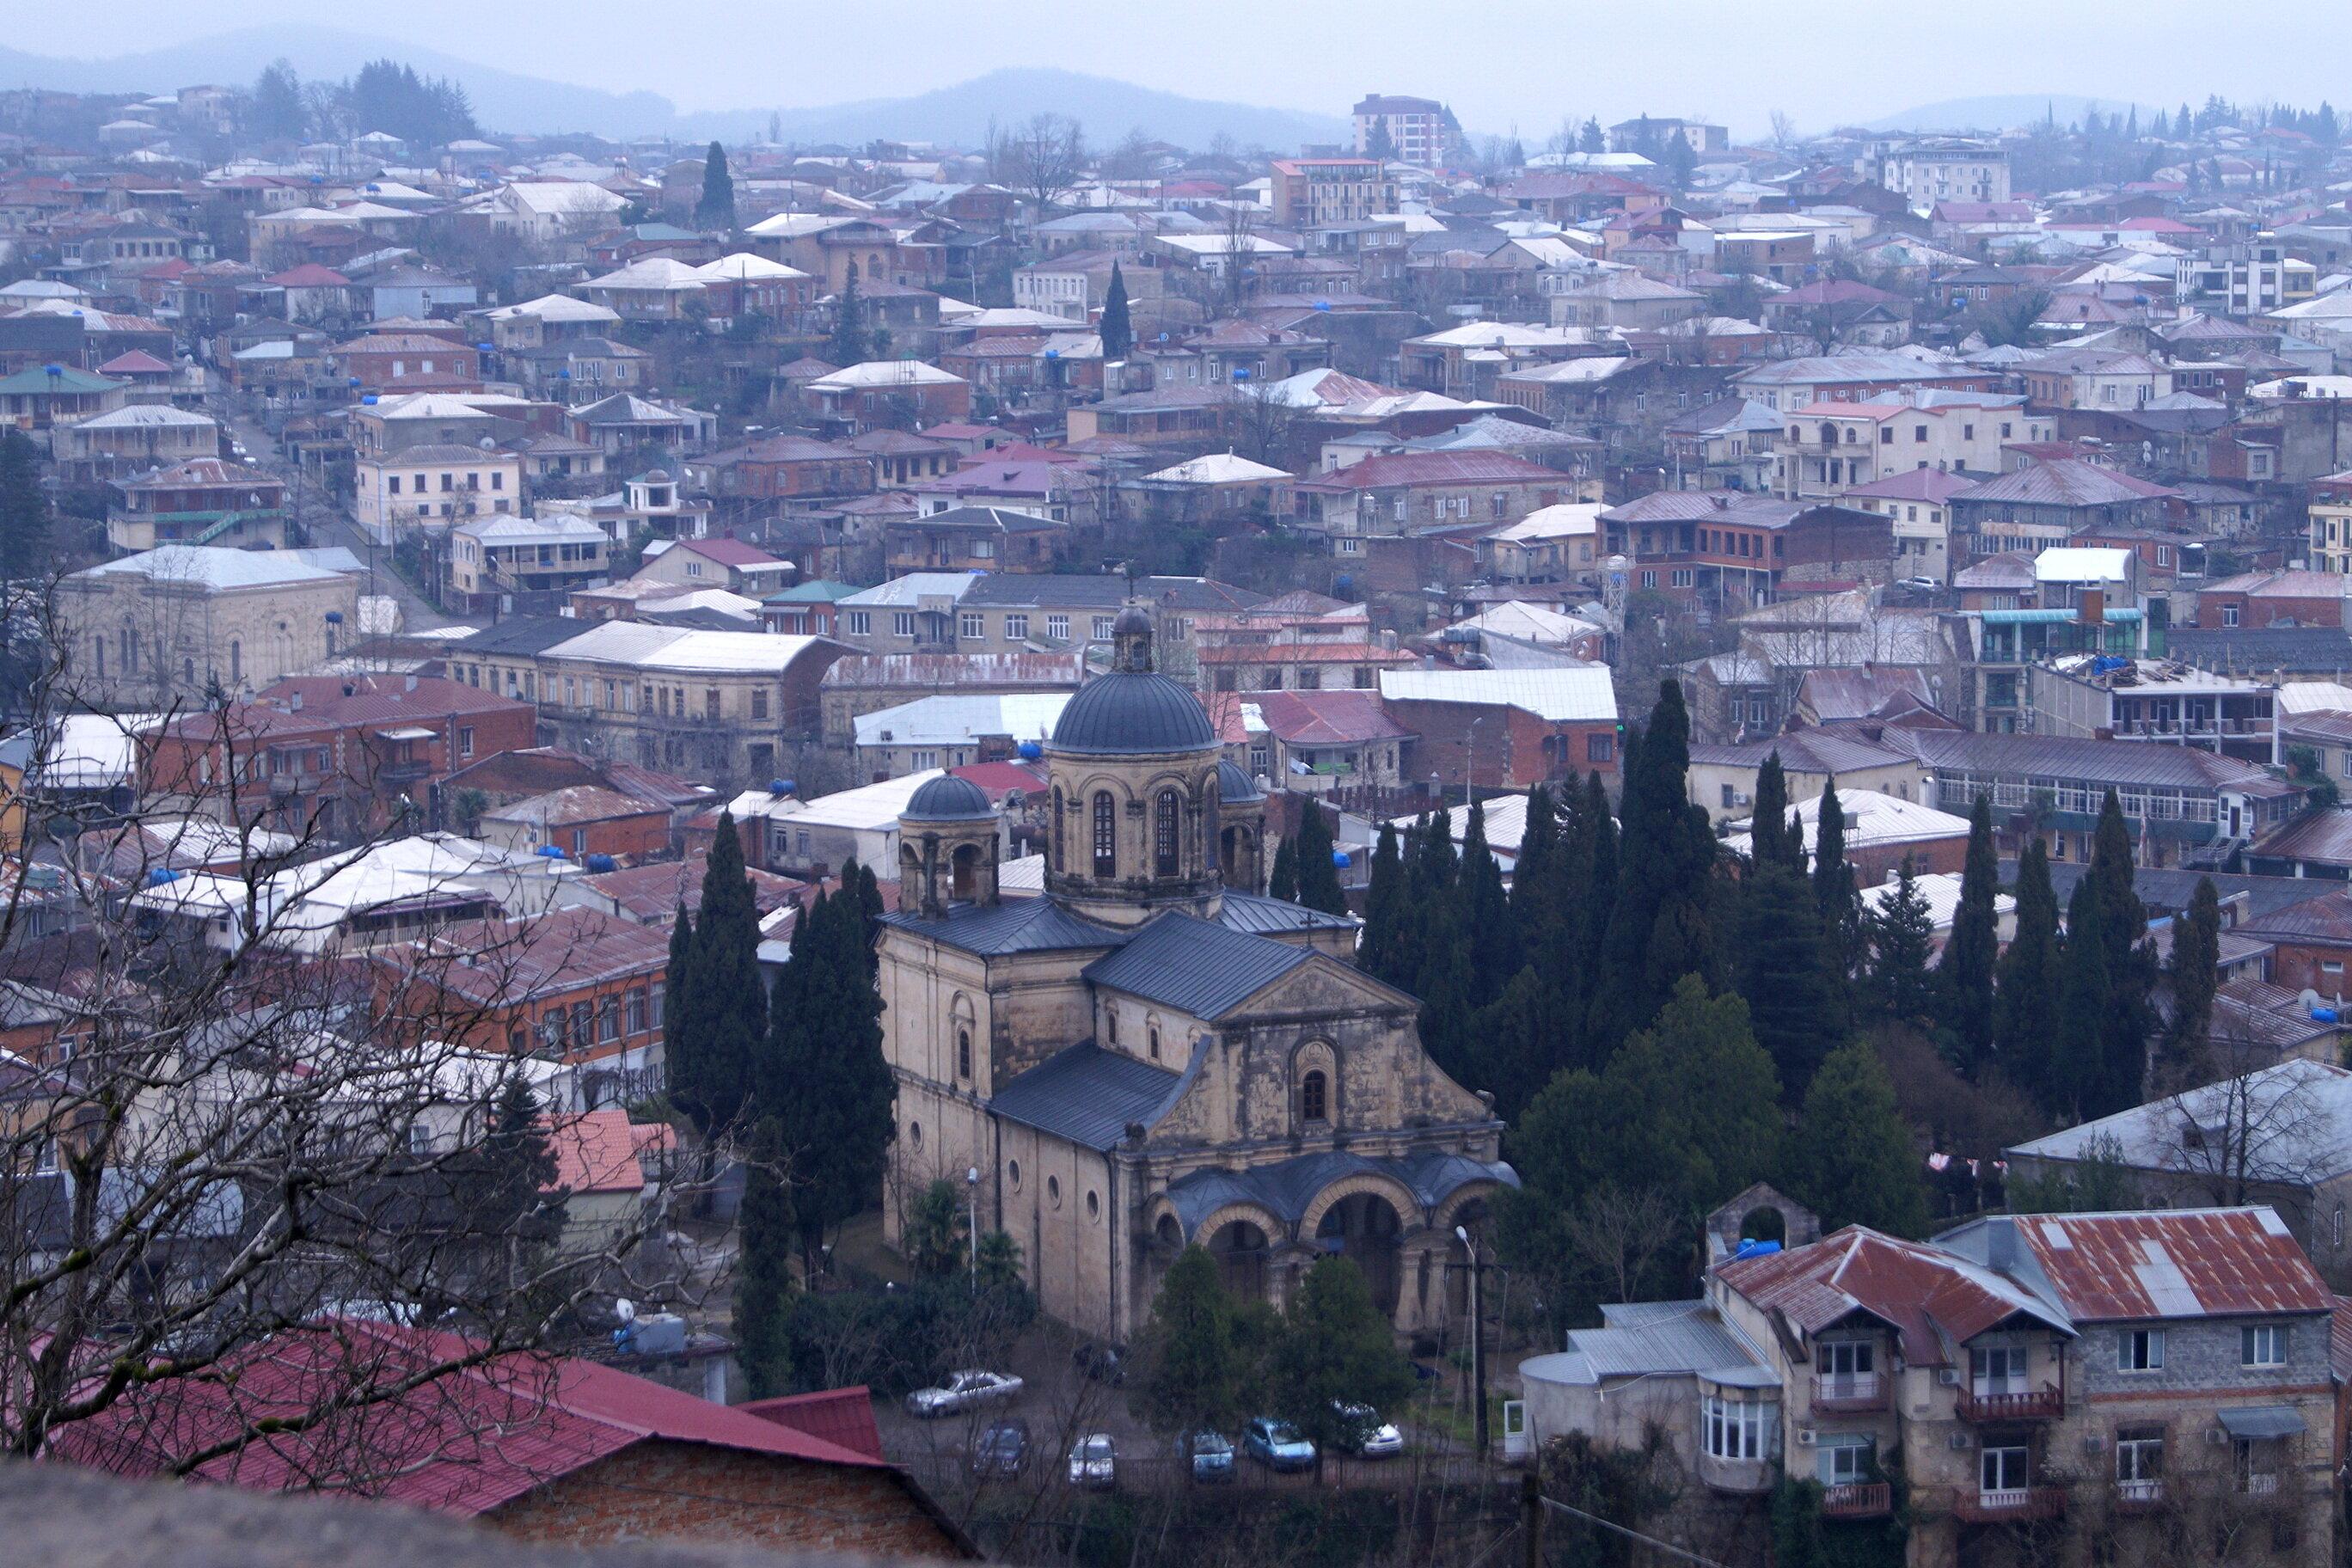 Путевые февральские заметки. Прогулки по Кутаиси. От храма к храму